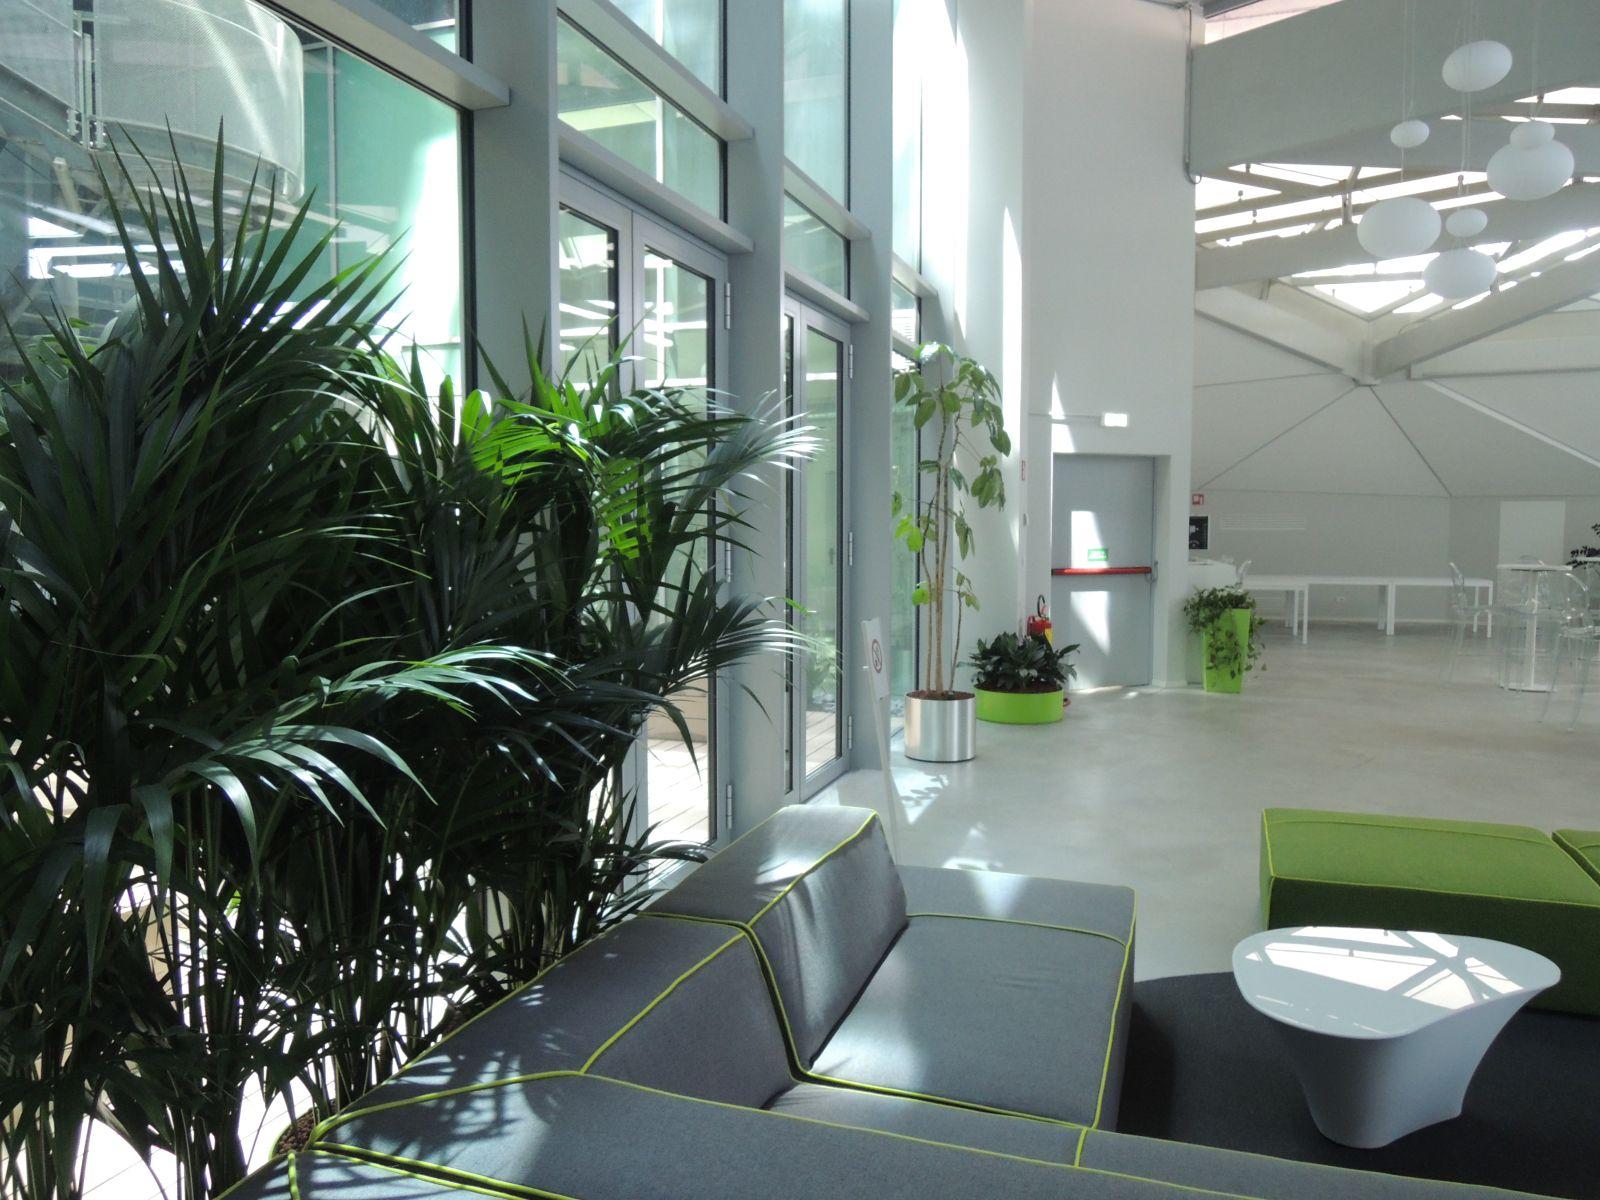 verde d'interni nella hall raimondi della forgiatura